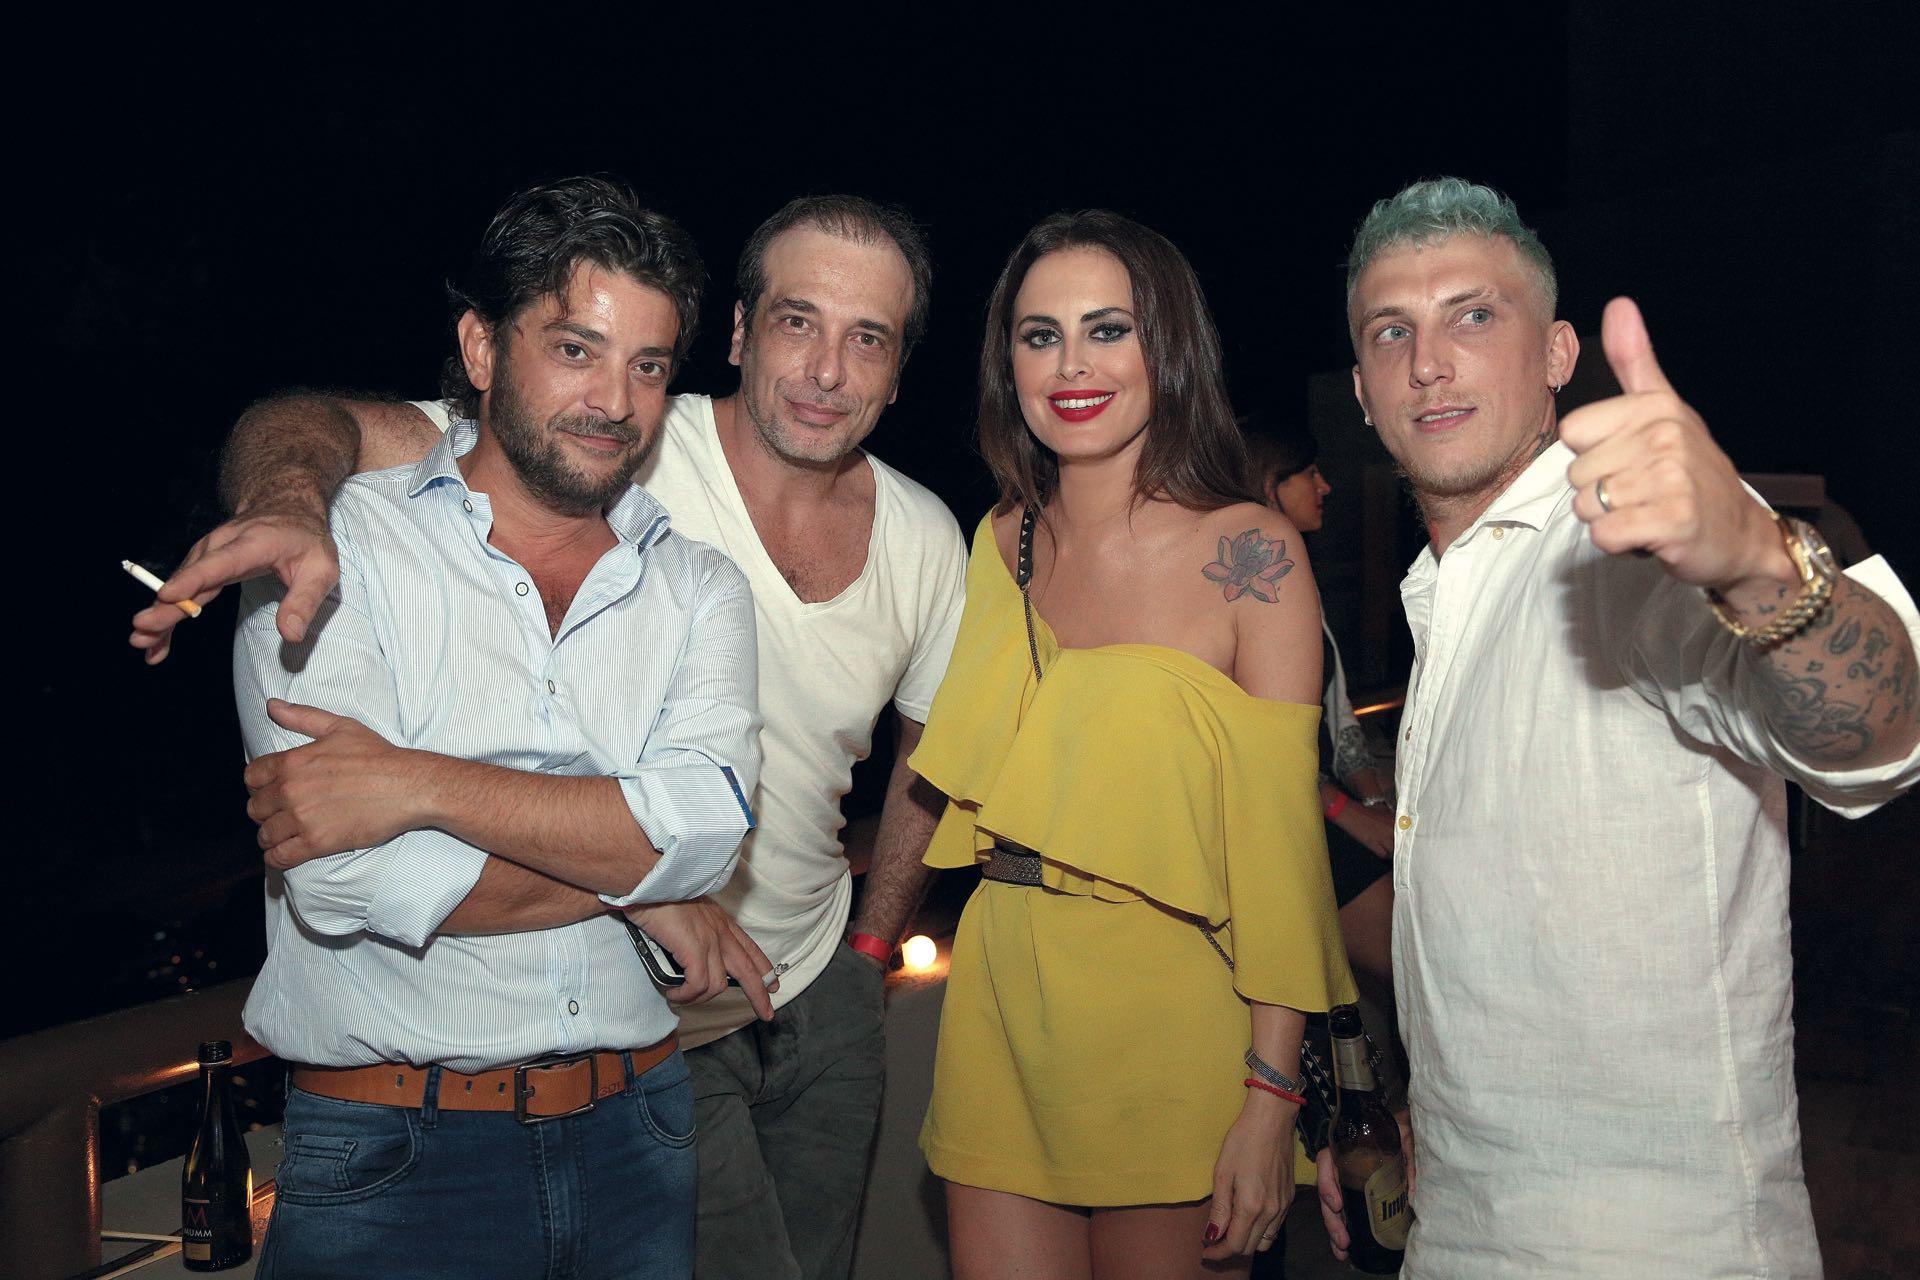 Pablo Rago, Marcelo Cosentino, Silvina Luna y El Polaco. (Foto GENTE)